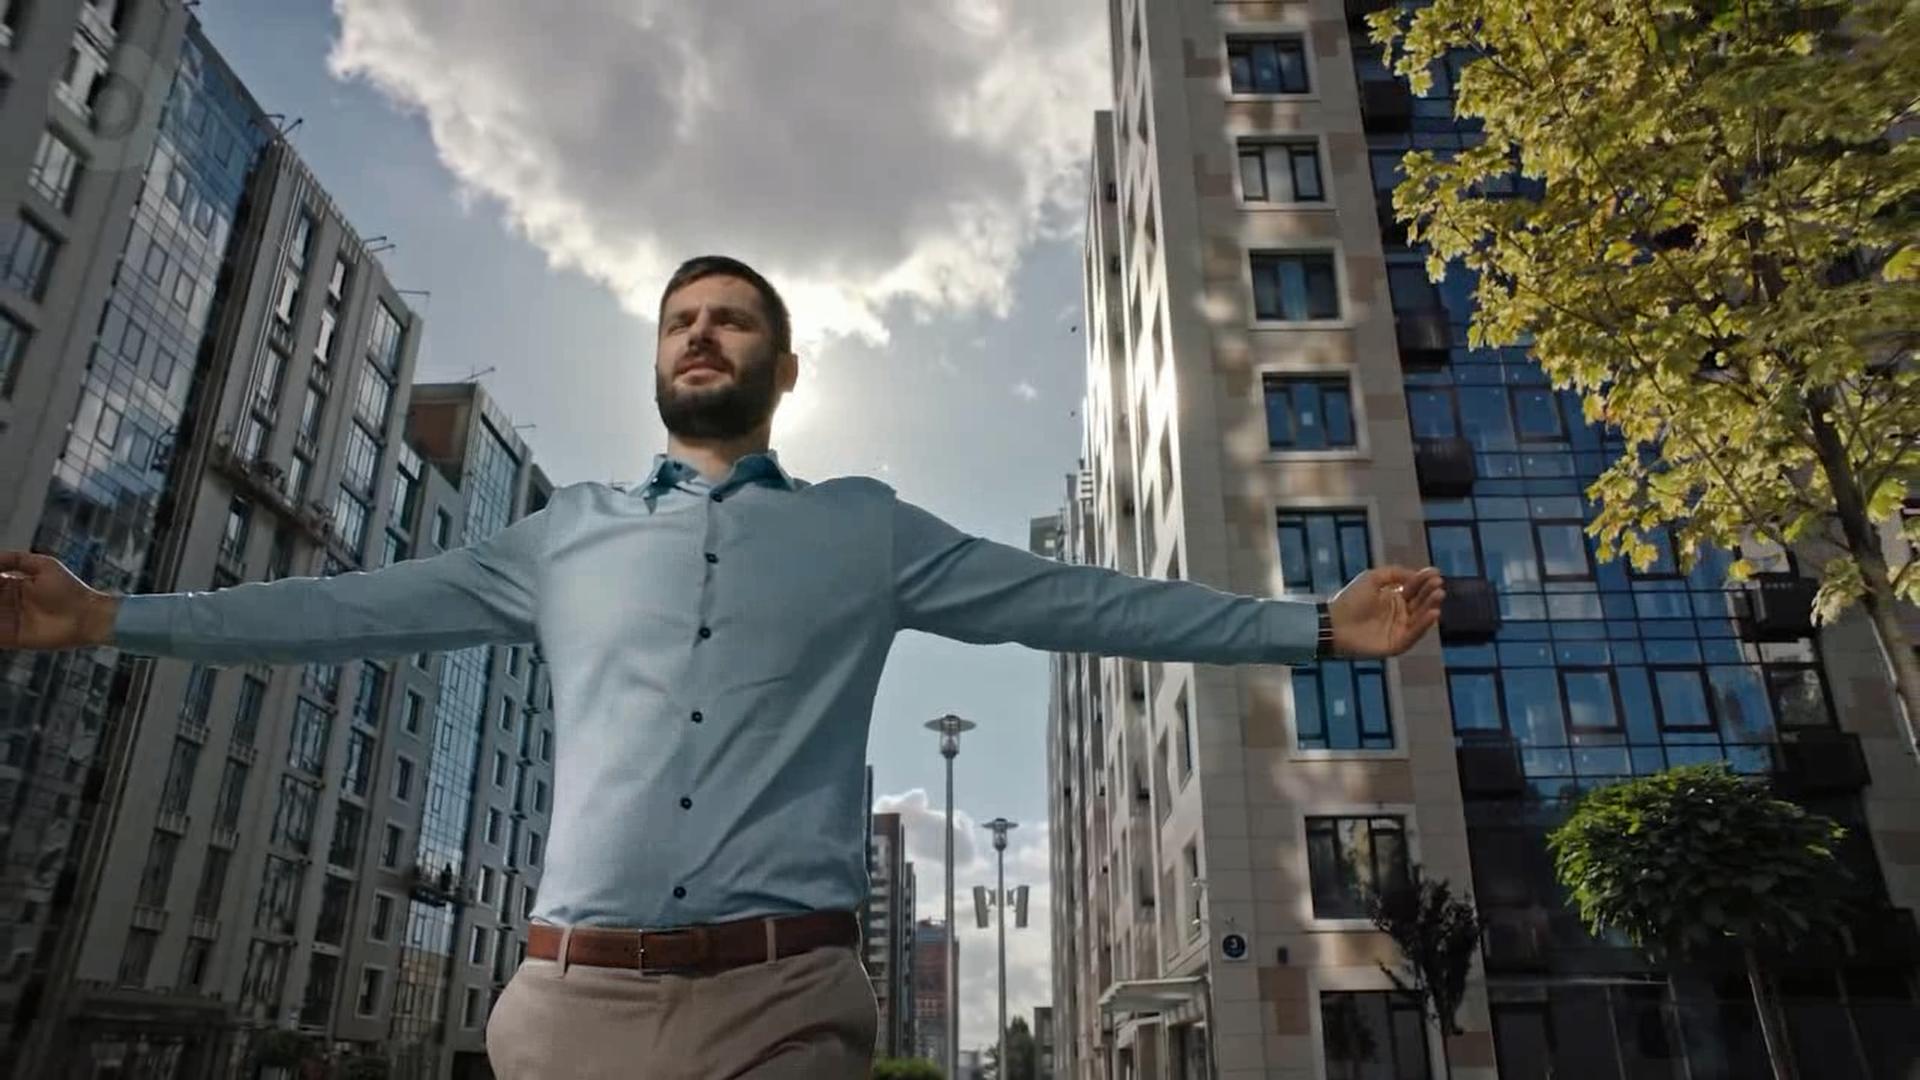 تیزر تبلیغاتی سامسونگ: تلویزیون بزرگ